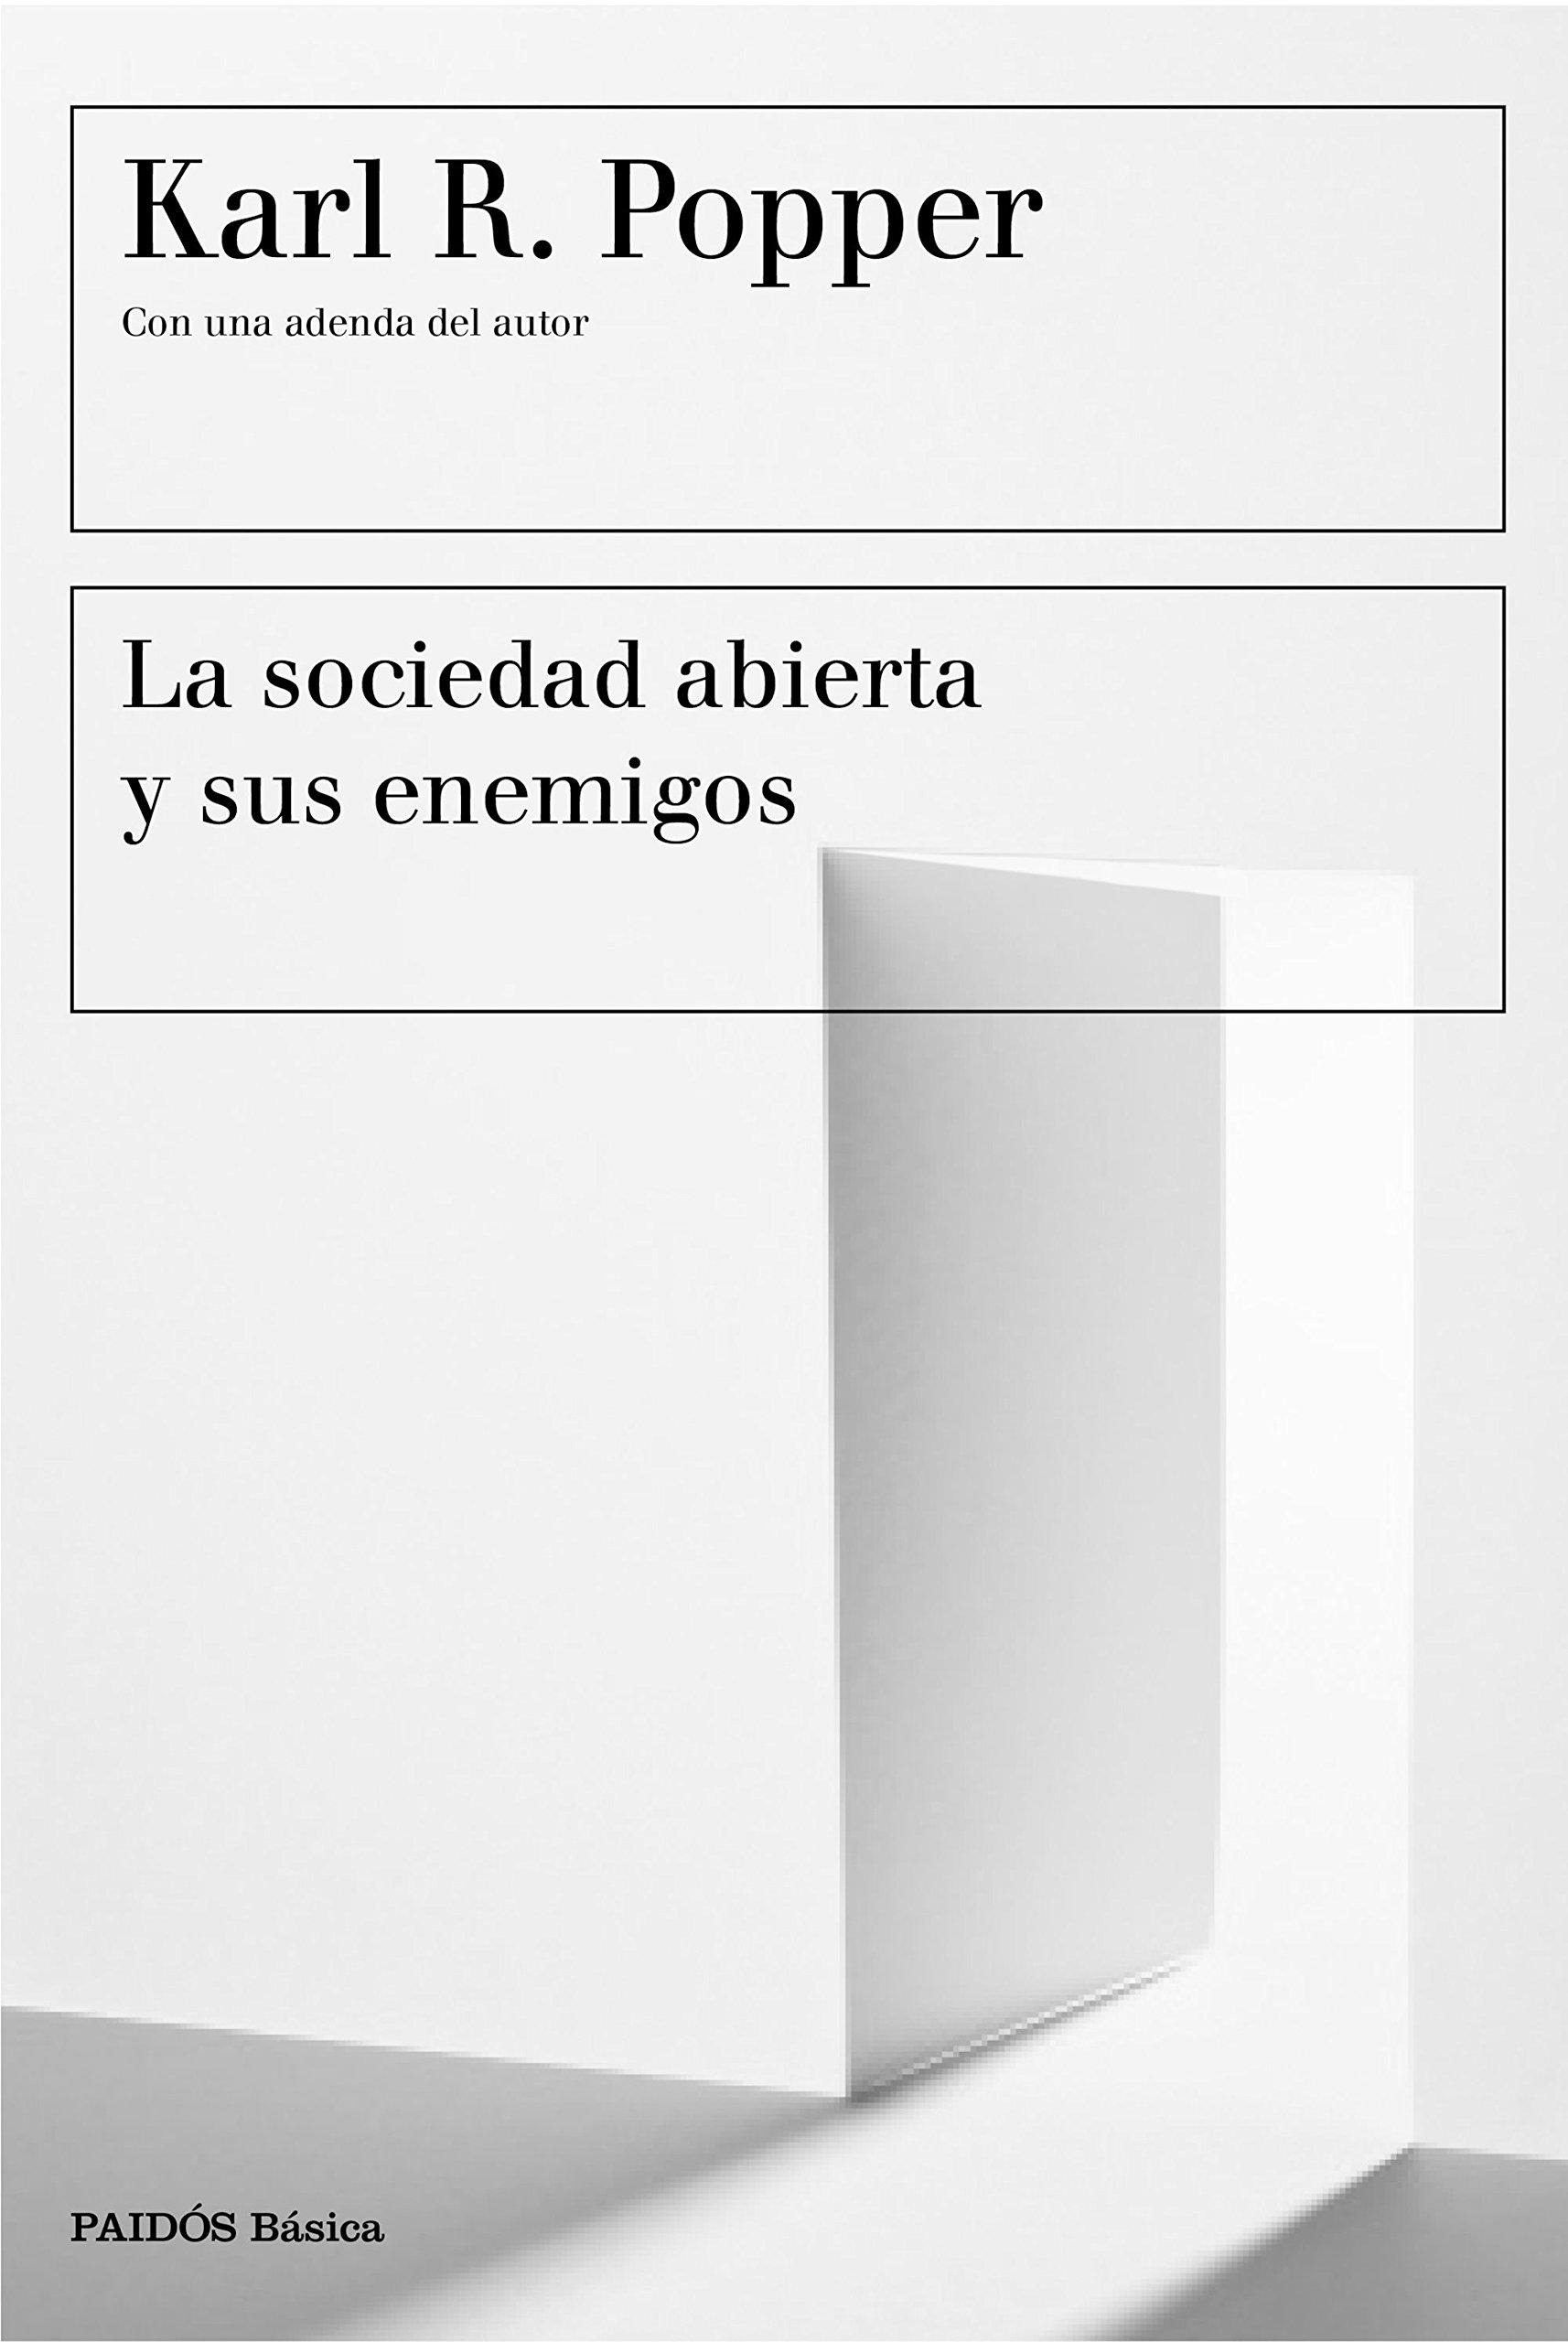 La sociedad abierta y sus enemigos: Con una adenda del autor (Básica) Tapa blanda – 28 feb 2017 Karl R. Popper Eduardo Loedel Rodríguez Ediciones Paidós 8449333199